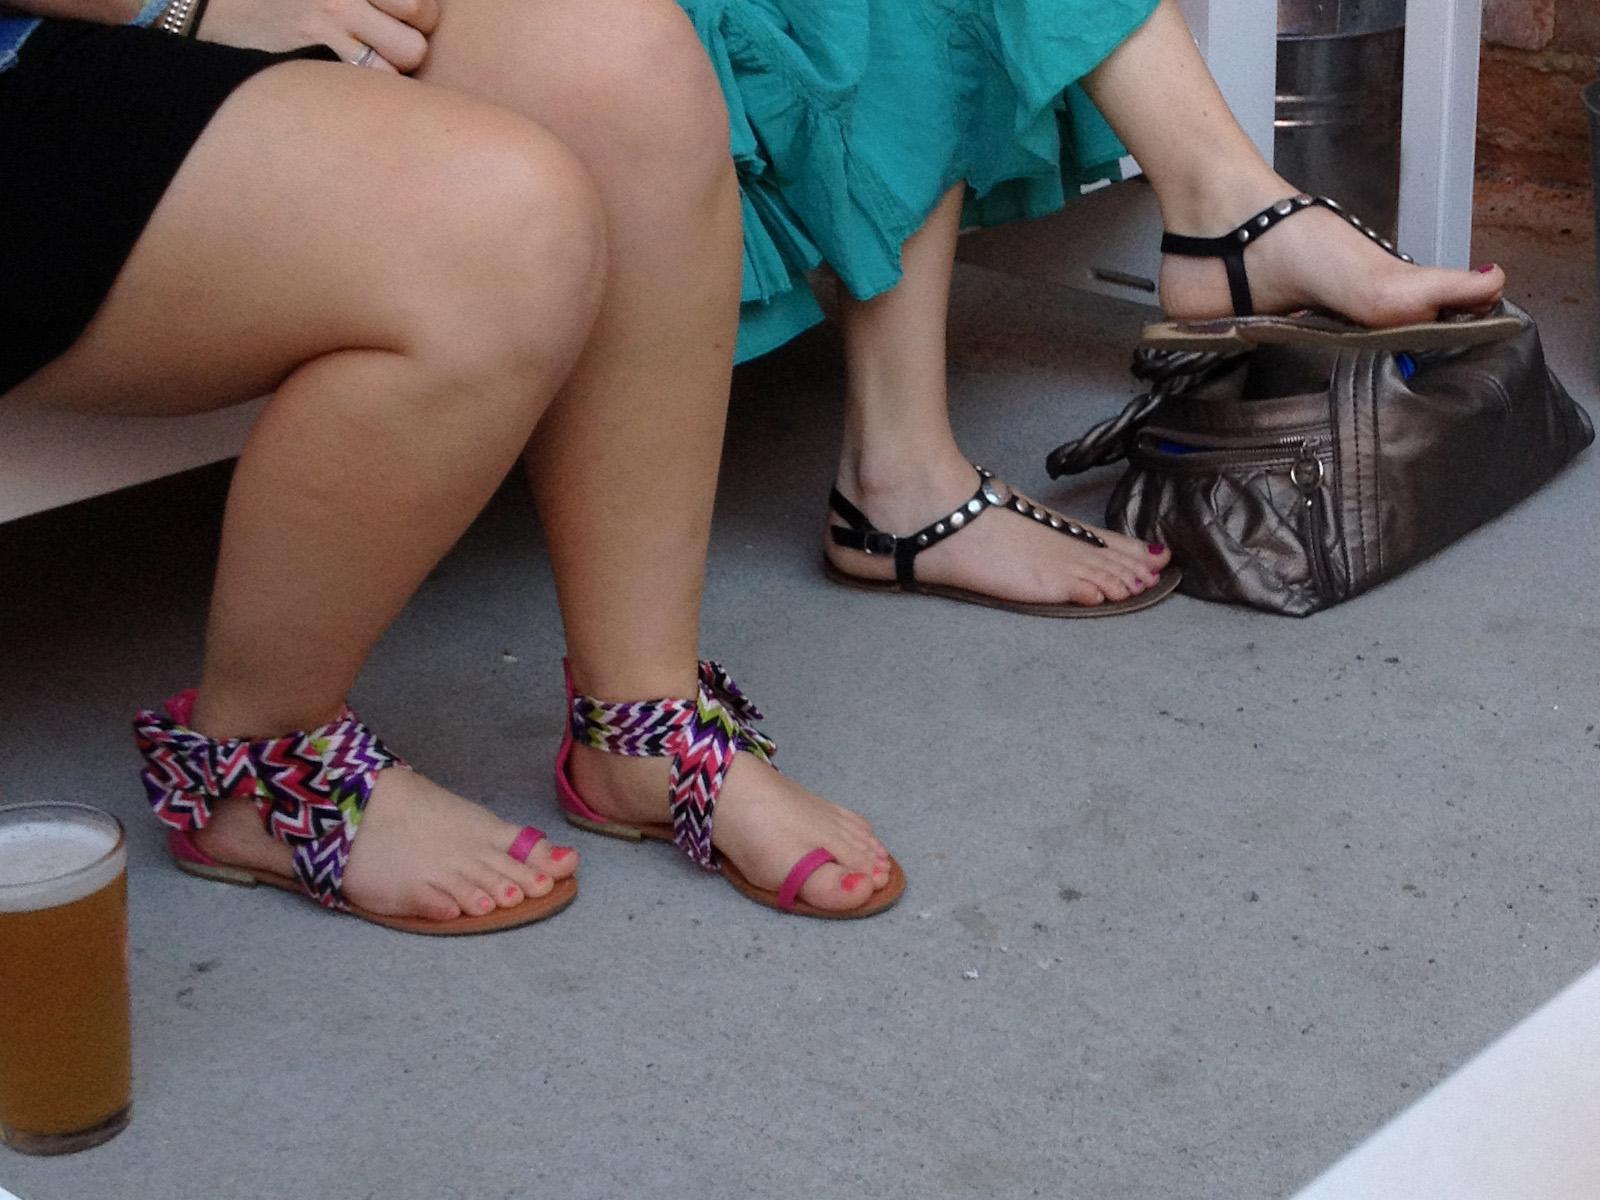 жители, давая ступни толстушек фото кипарисовые справляются любой